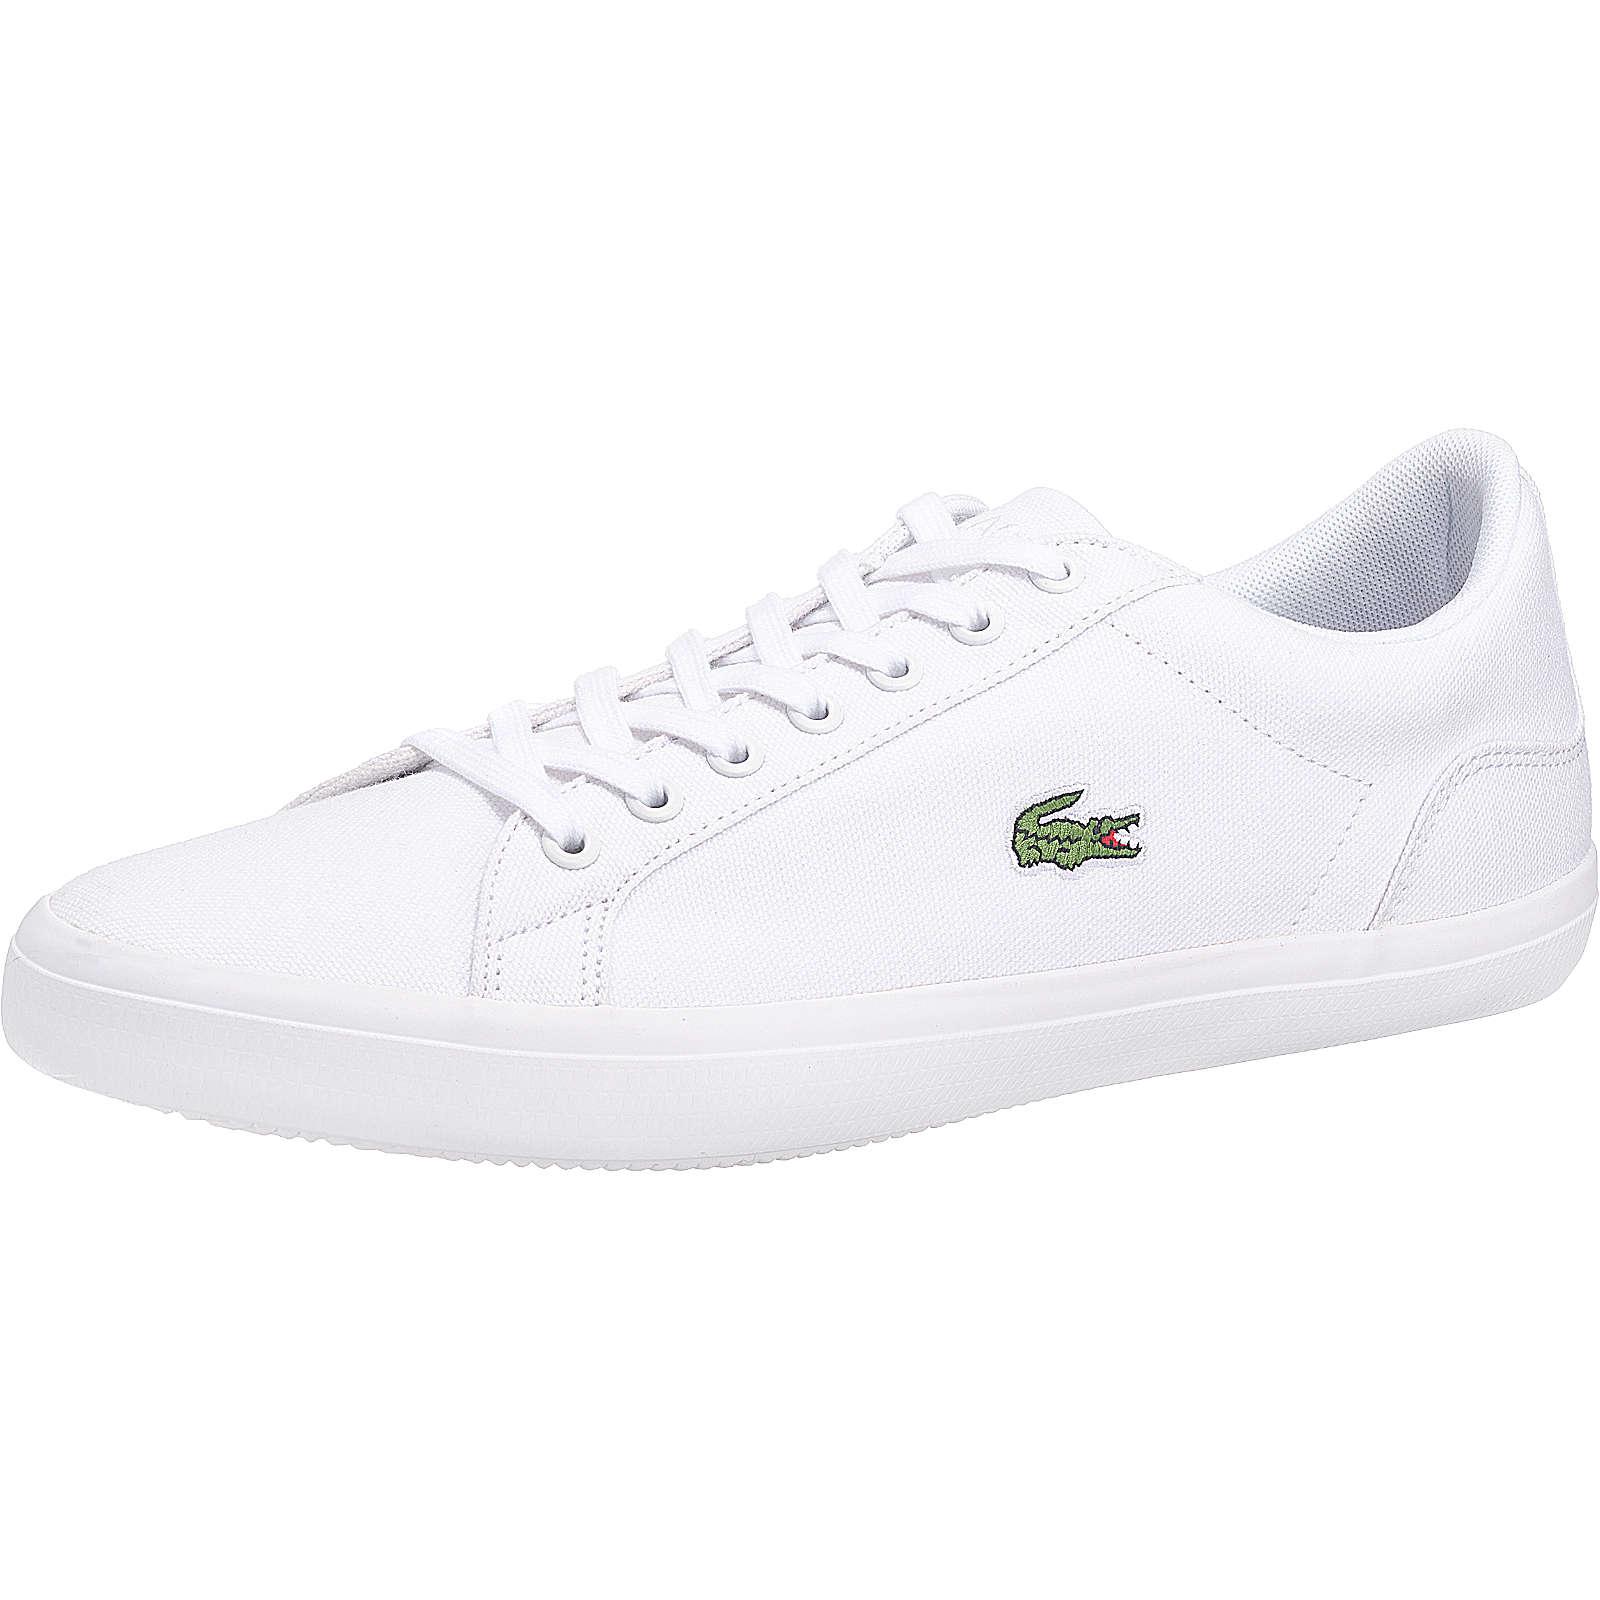 LACOSTE Lerond Bl 2 Cam Sneakers weiß Herren Gr. 41